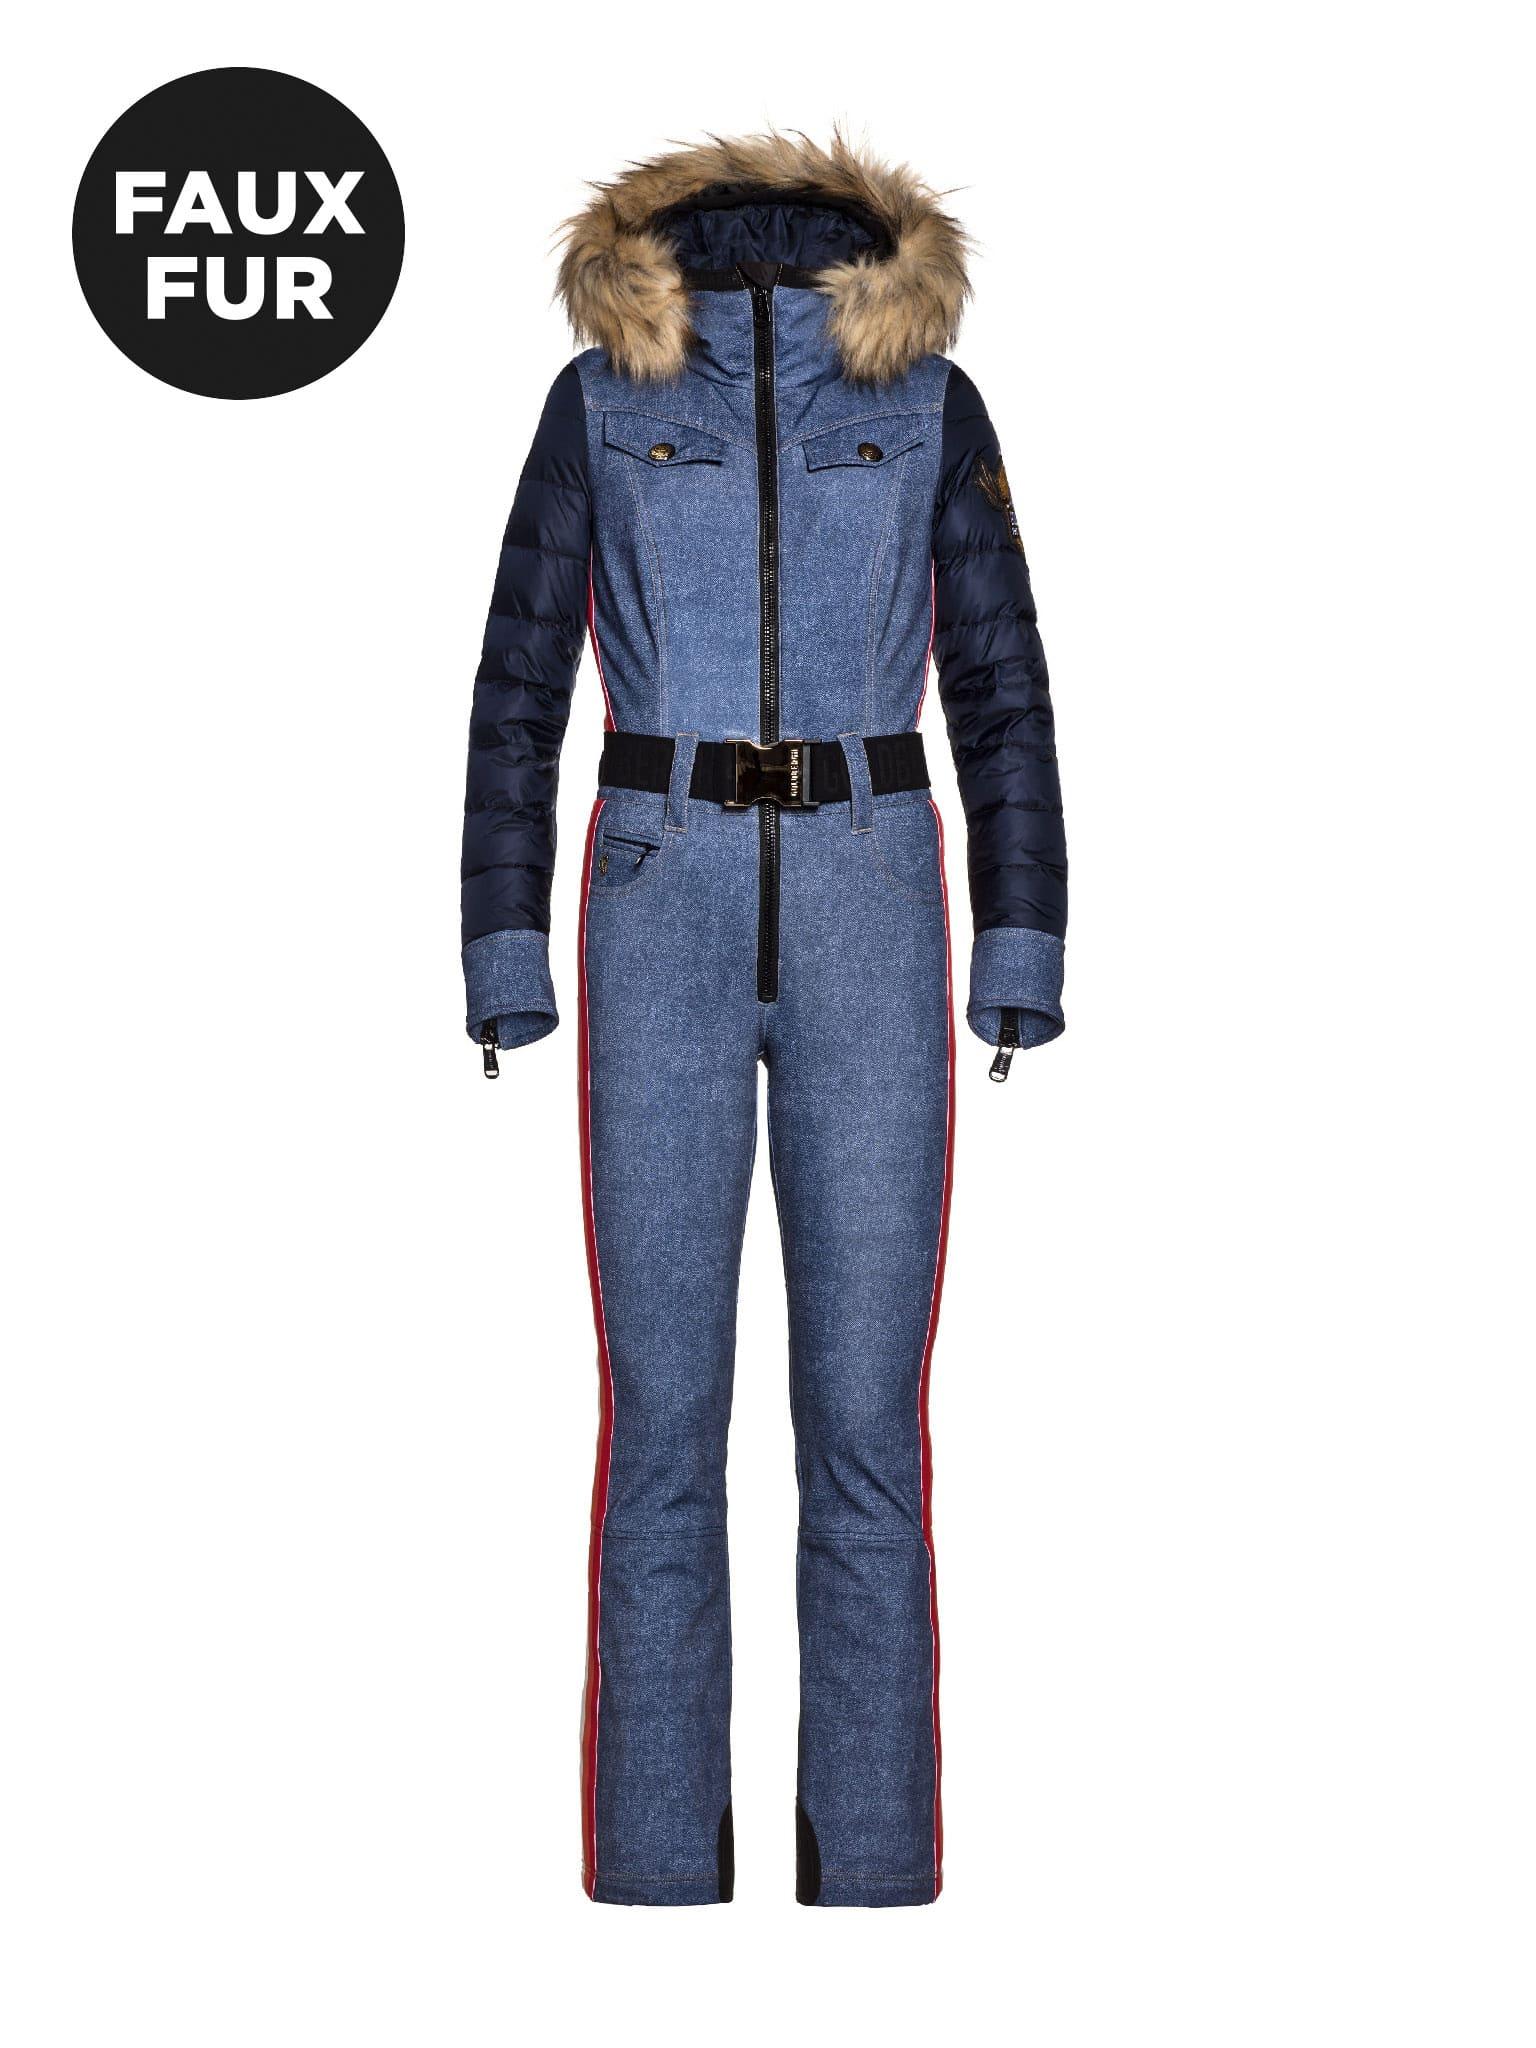 Goldbergh Longmont Ski Suit Faux Fur 2022